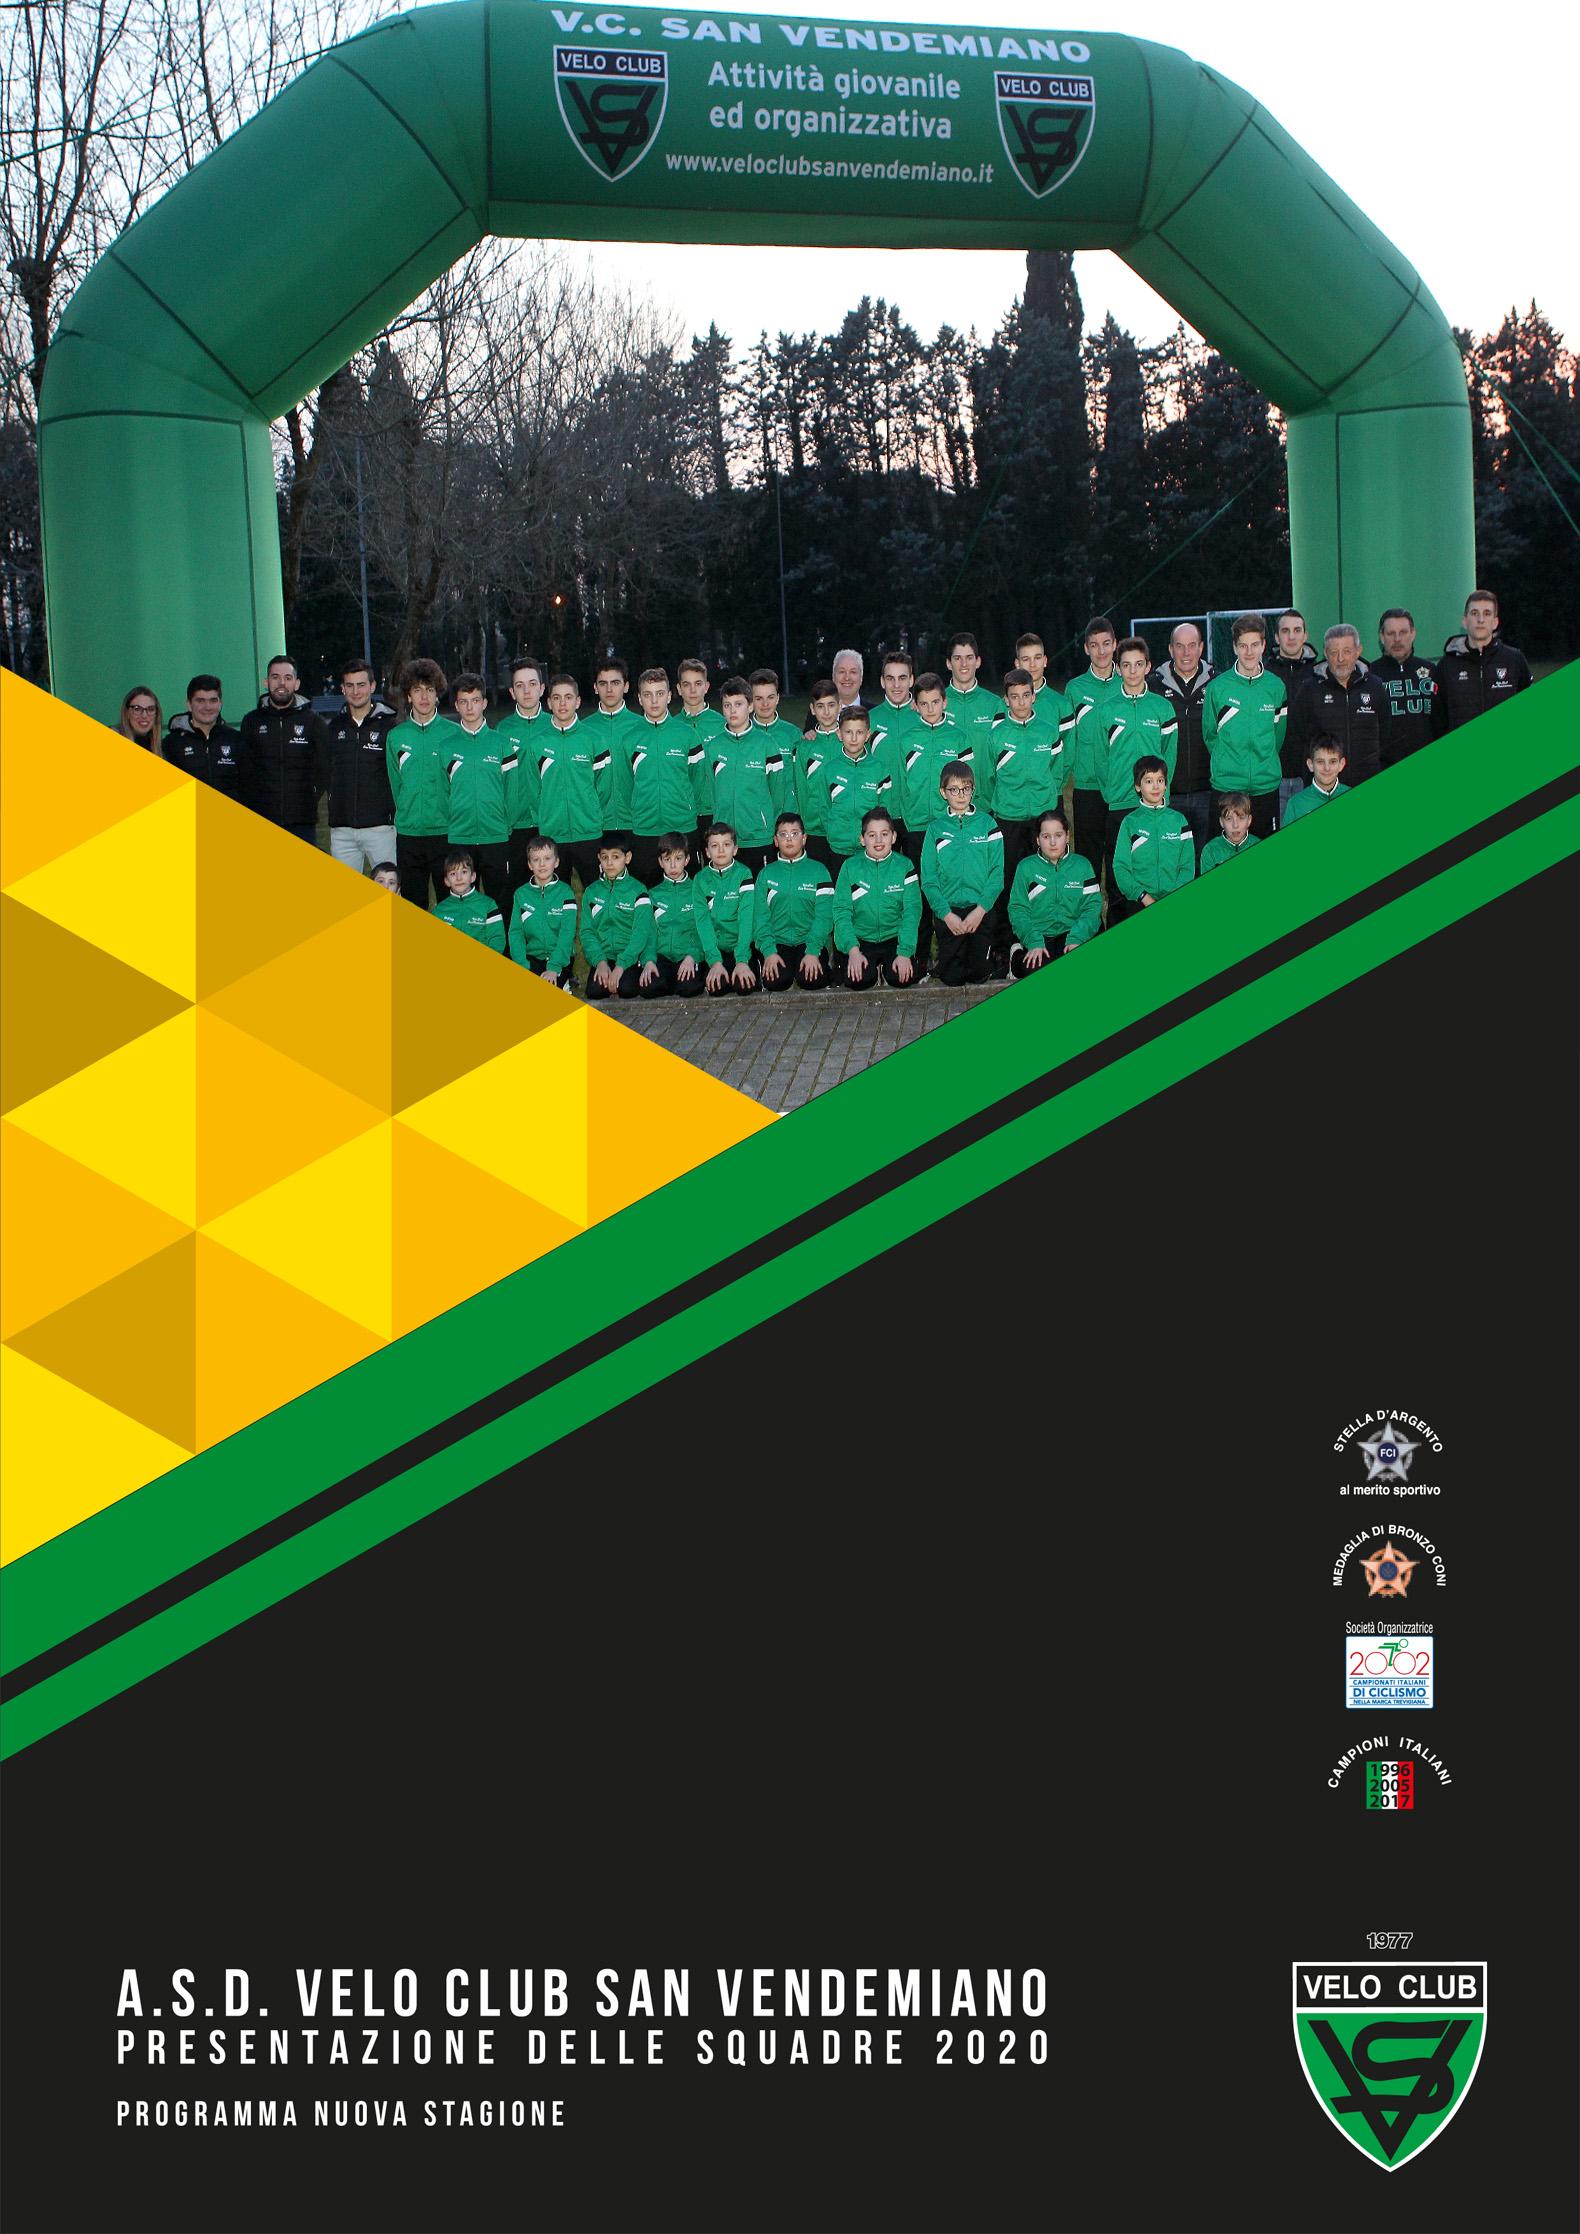 A.S.D. VELO CLUB_DEPLIANT PRESENTAZIONE 2020